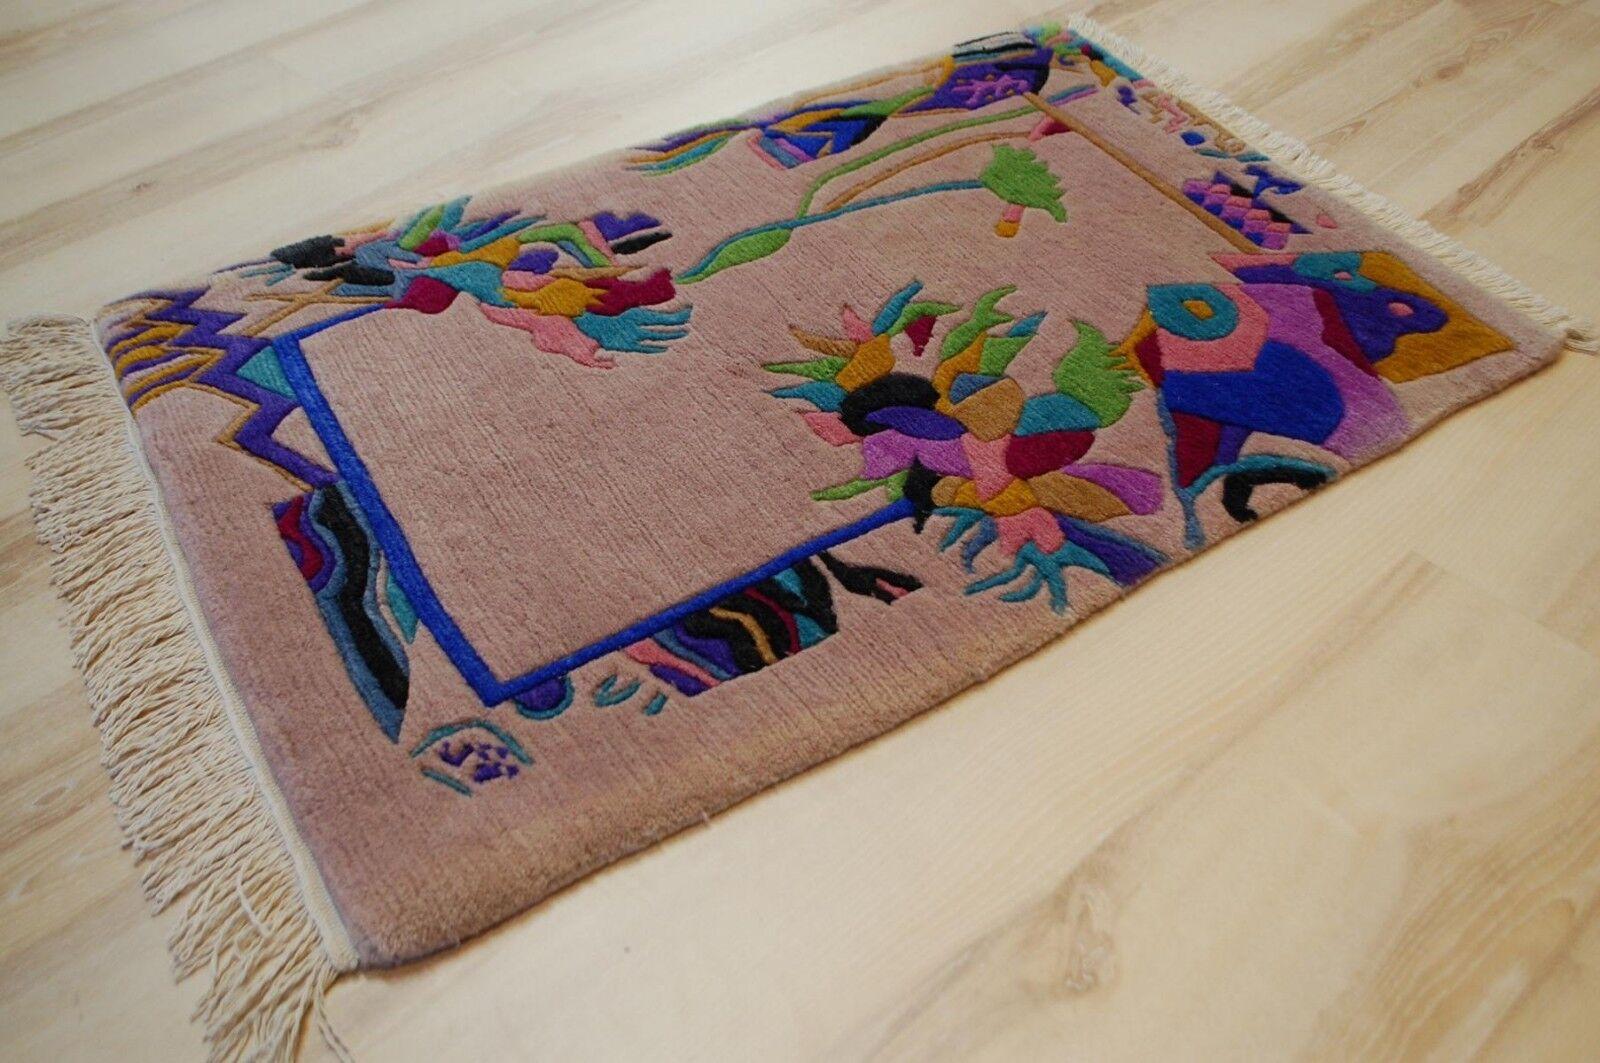 Nepal Carpet Yssima Nini Ferrucci 9361 60x90 cm Colourful Designer A